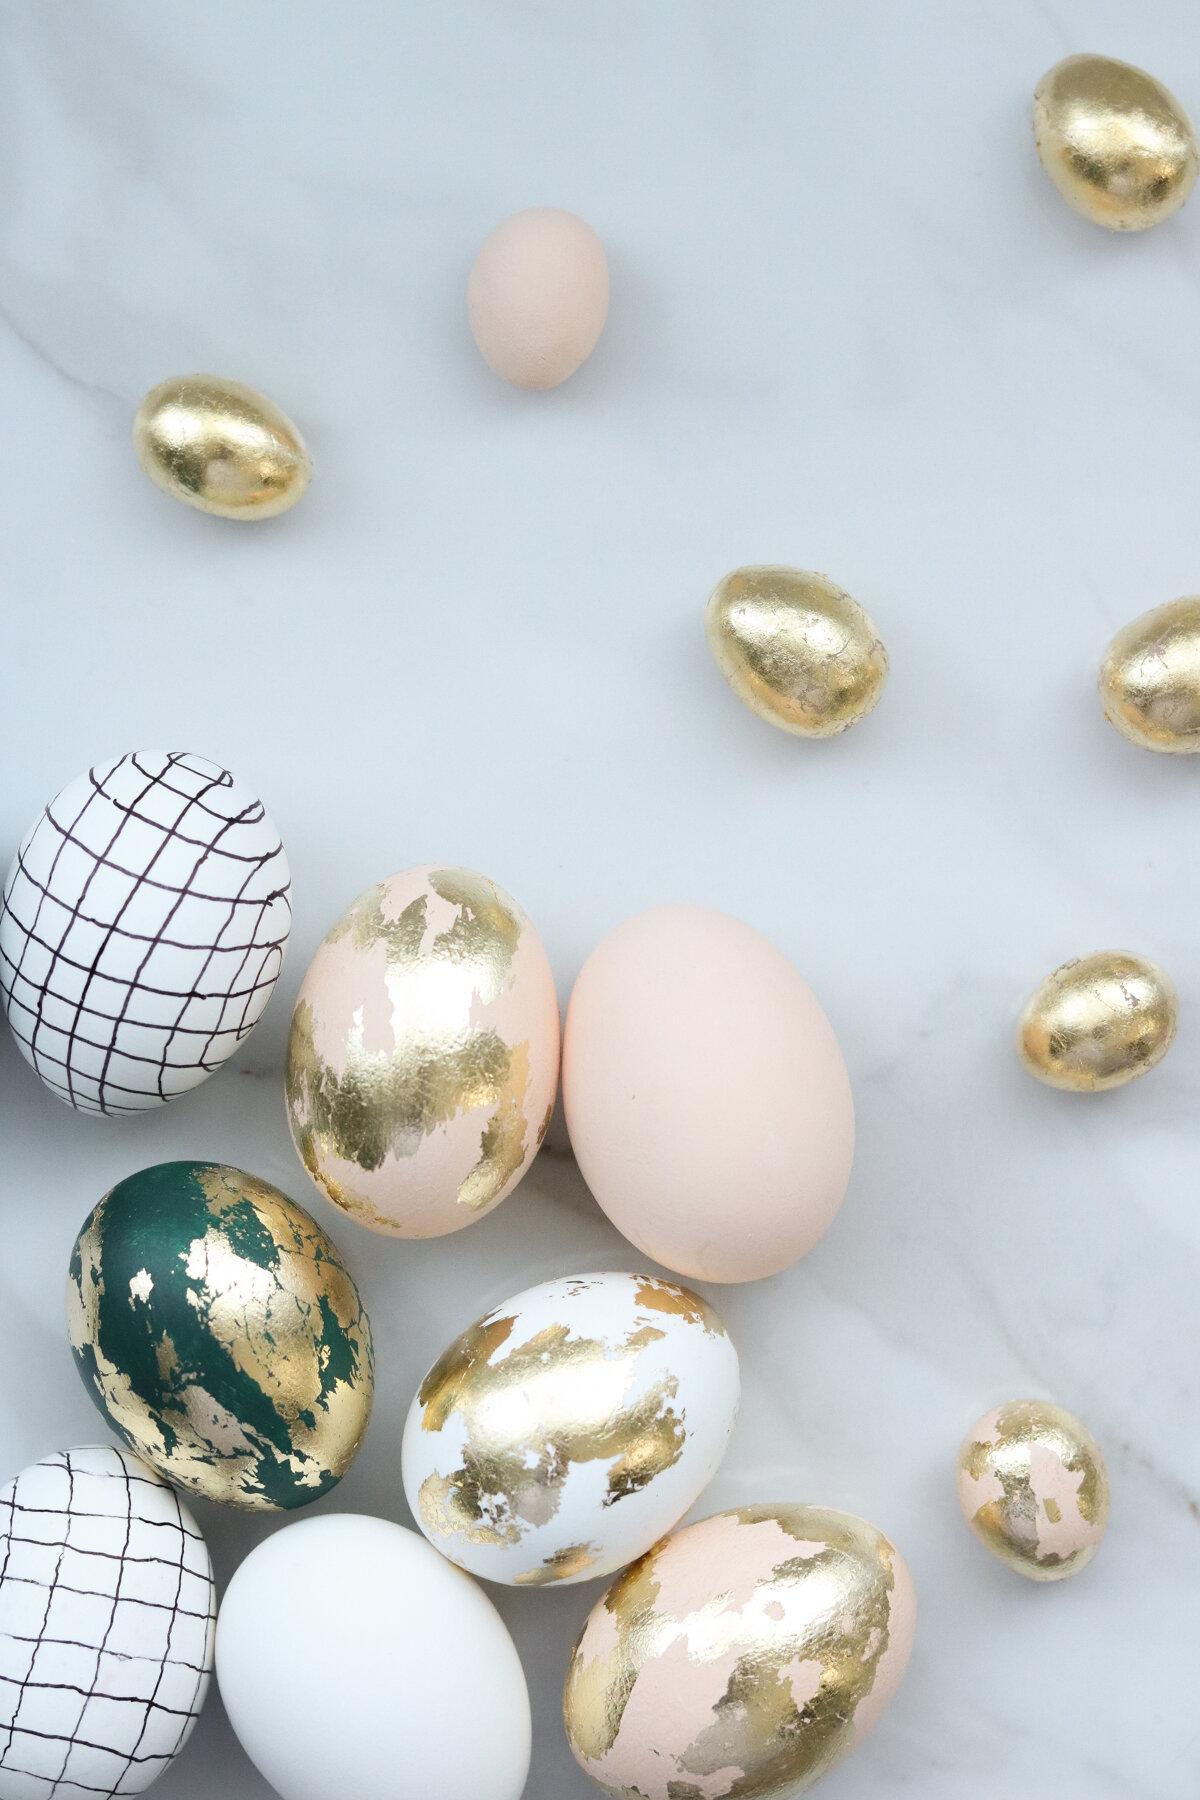 DIY de Pâques : plus d'une douzaine de décos d'oeufs de Pâques qu'on a envie de copier